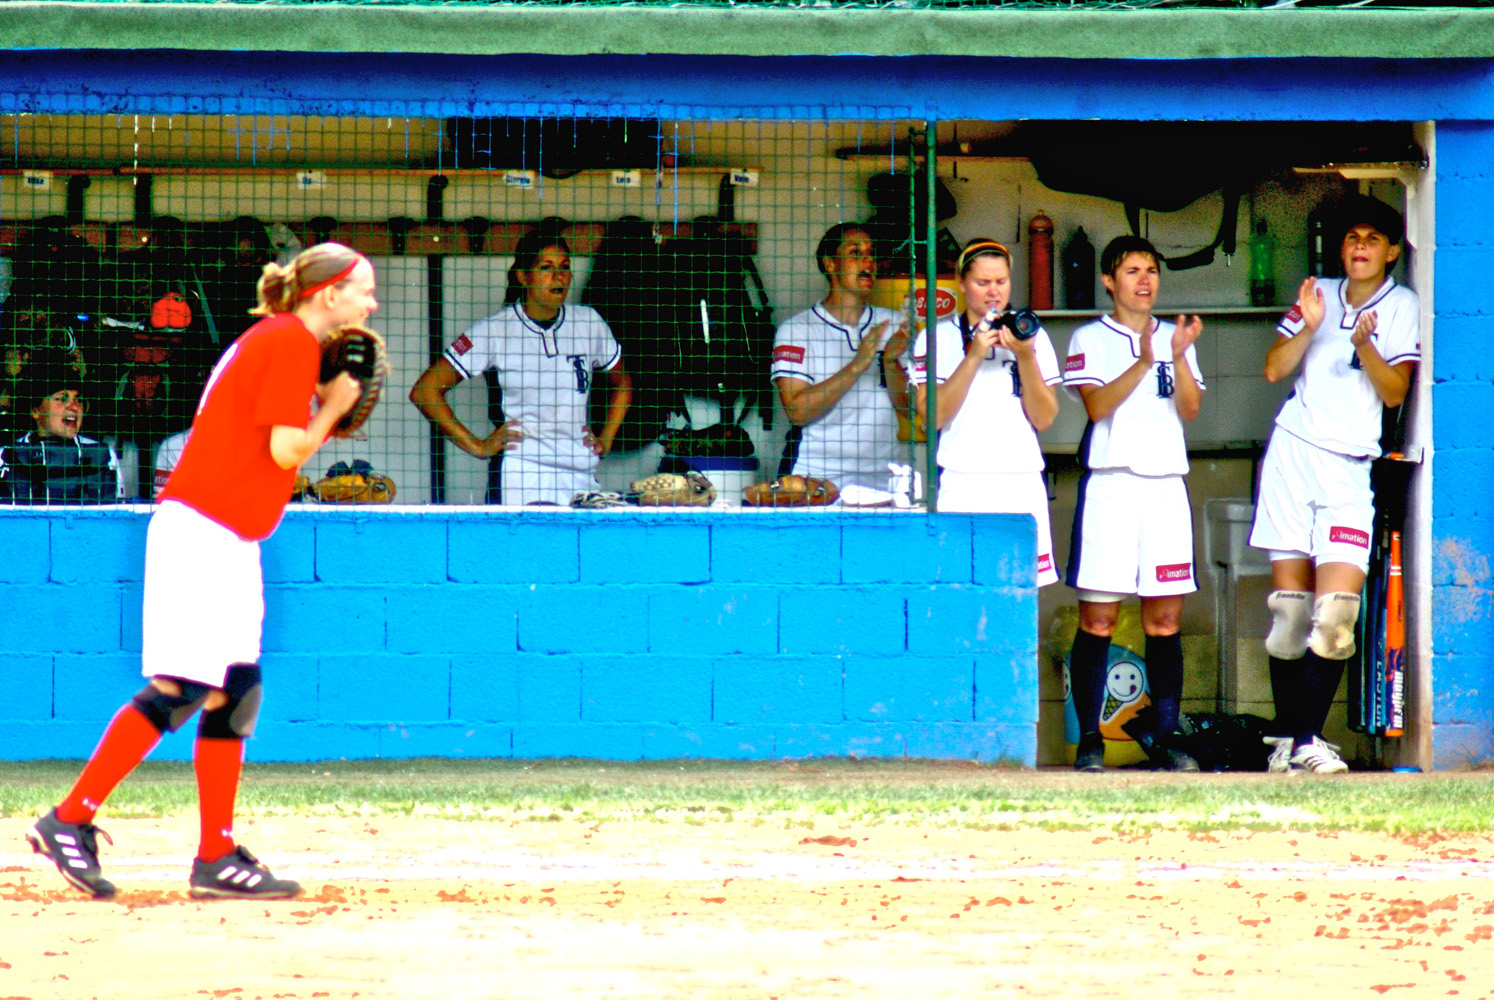 Team Softball Bollate